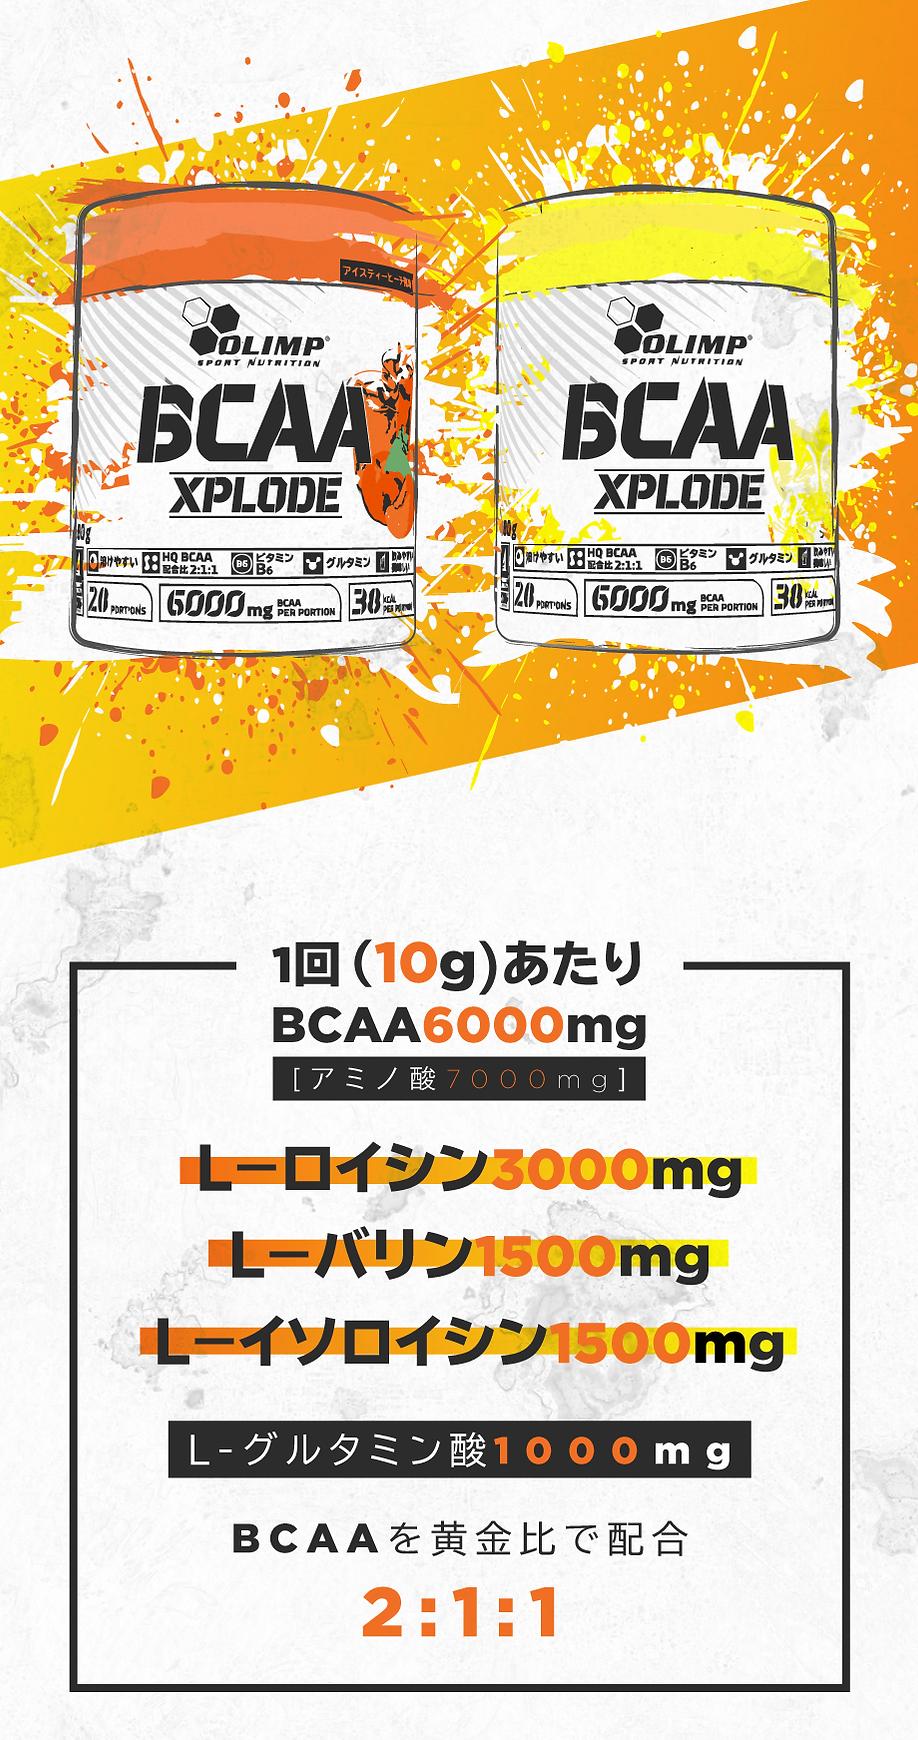 BCAA-XPLODE-2.png